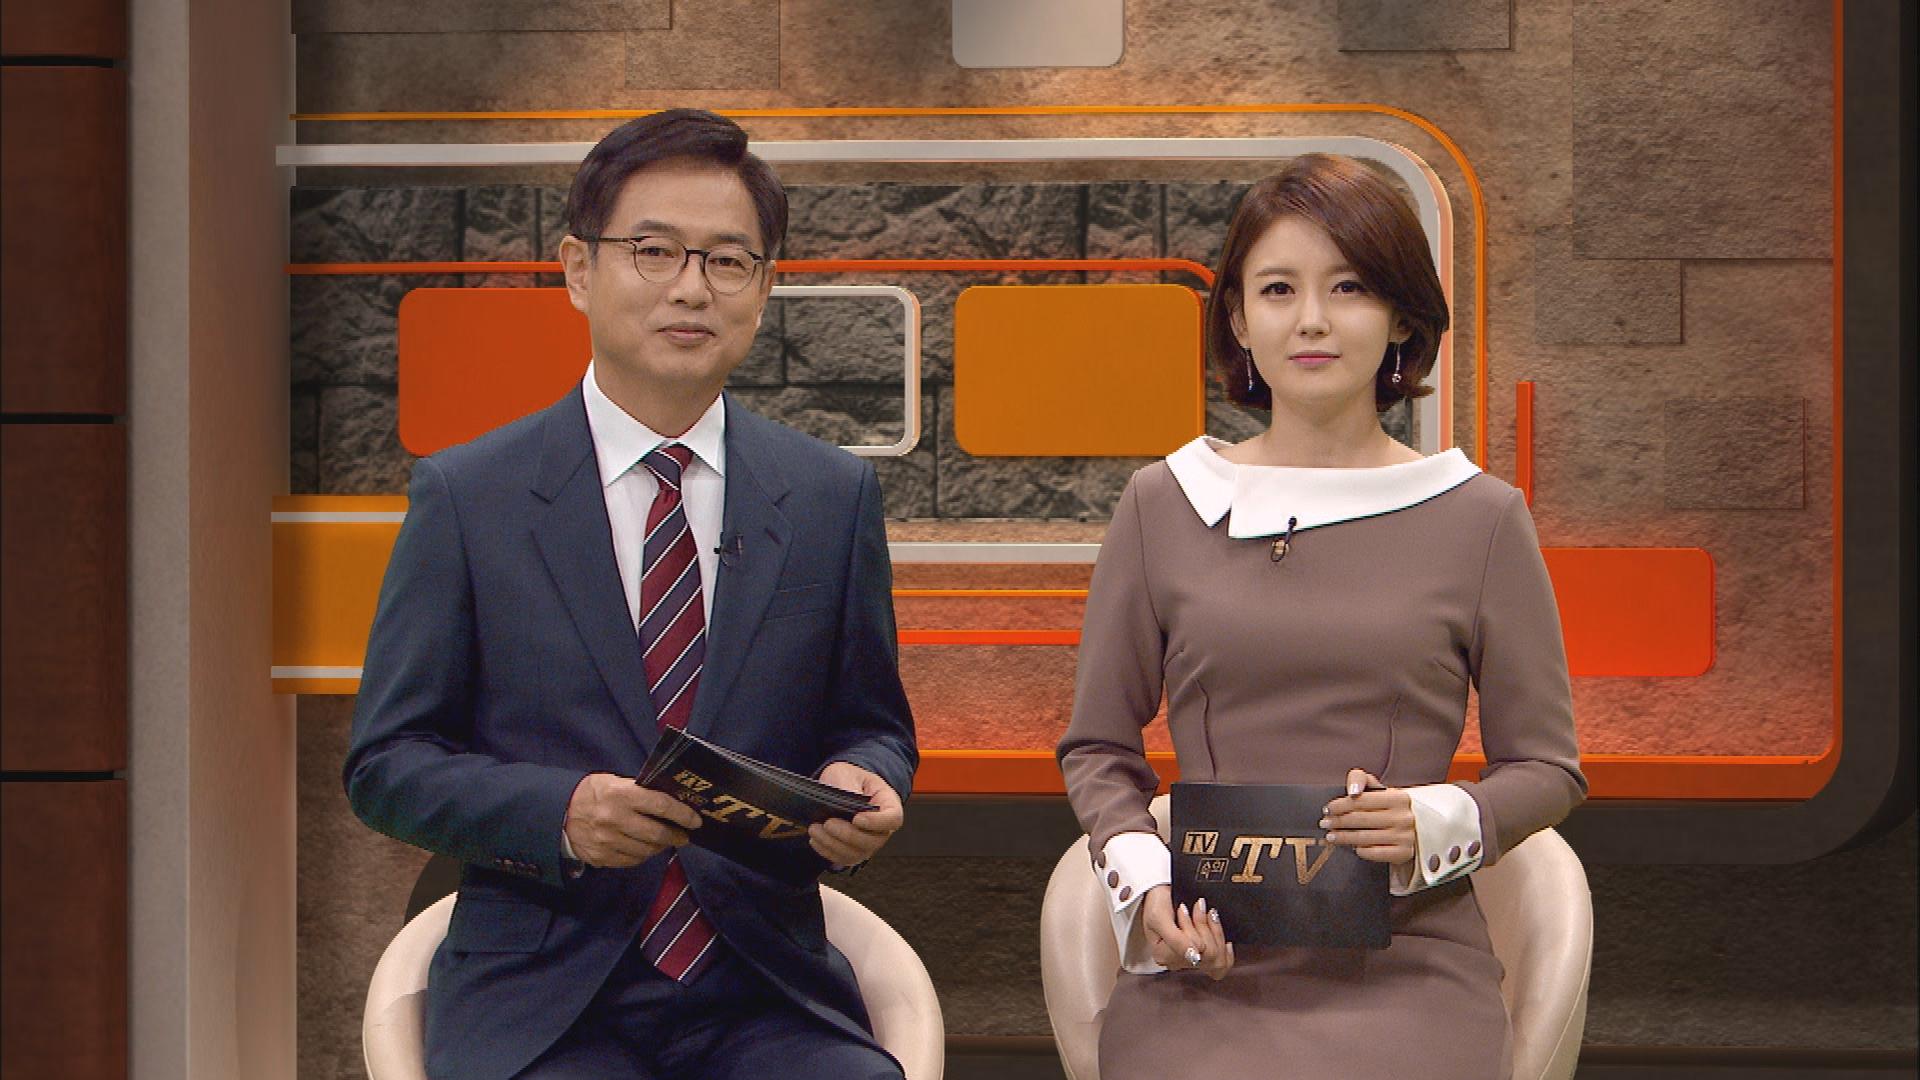 〈TV 속의 TV〉 새 코너 신설·전문가 패널 합류… 비판-감시 역할 강화